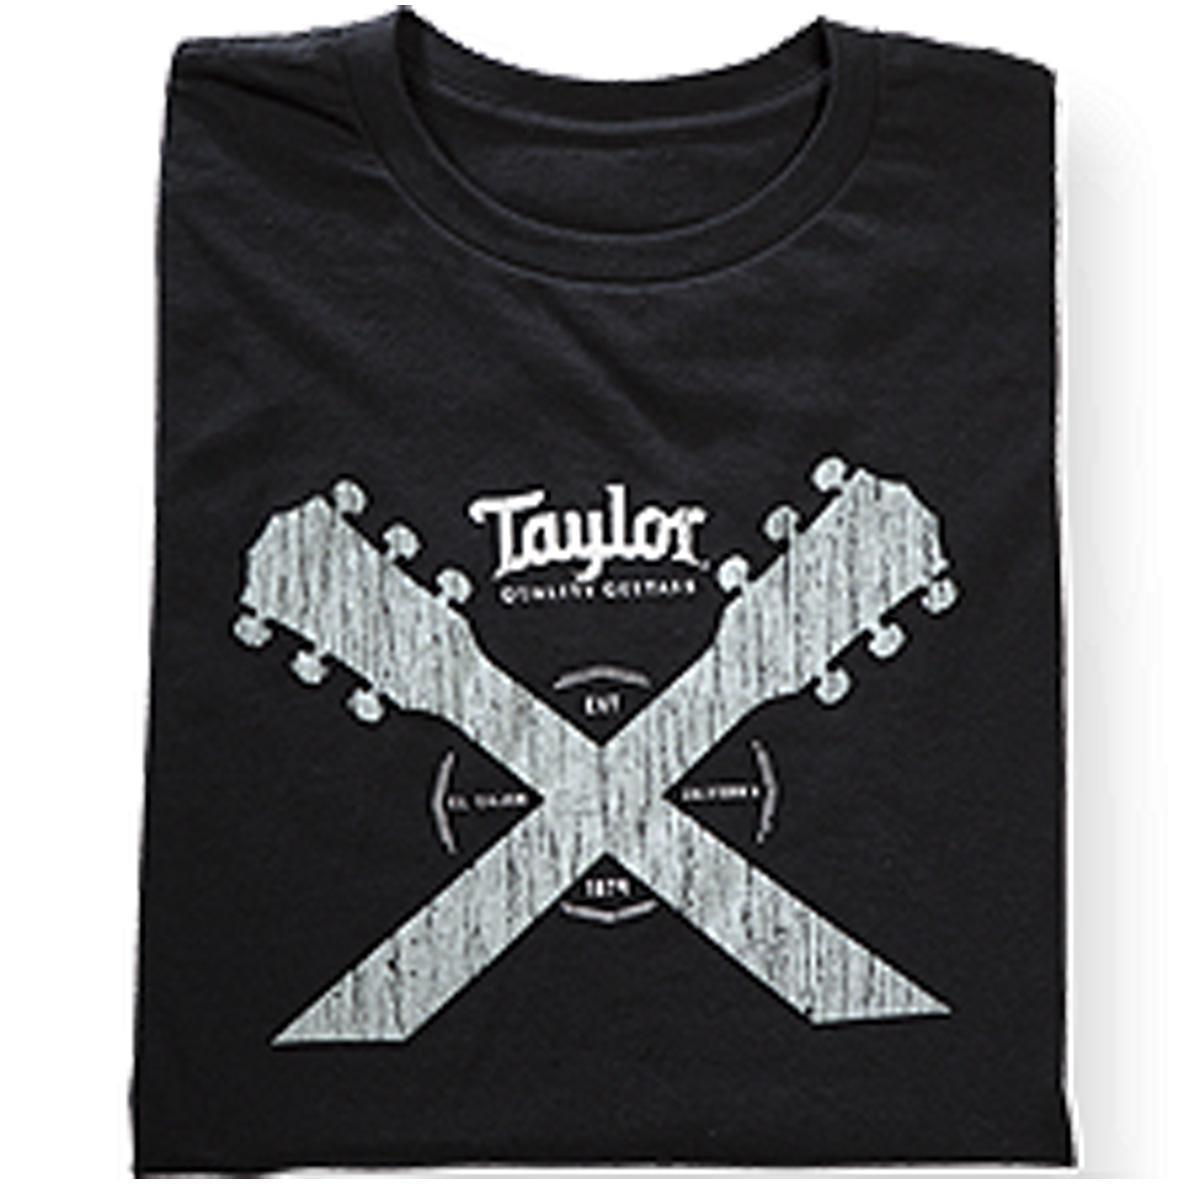 Taylor Double Neck T-shirt -M (Black)